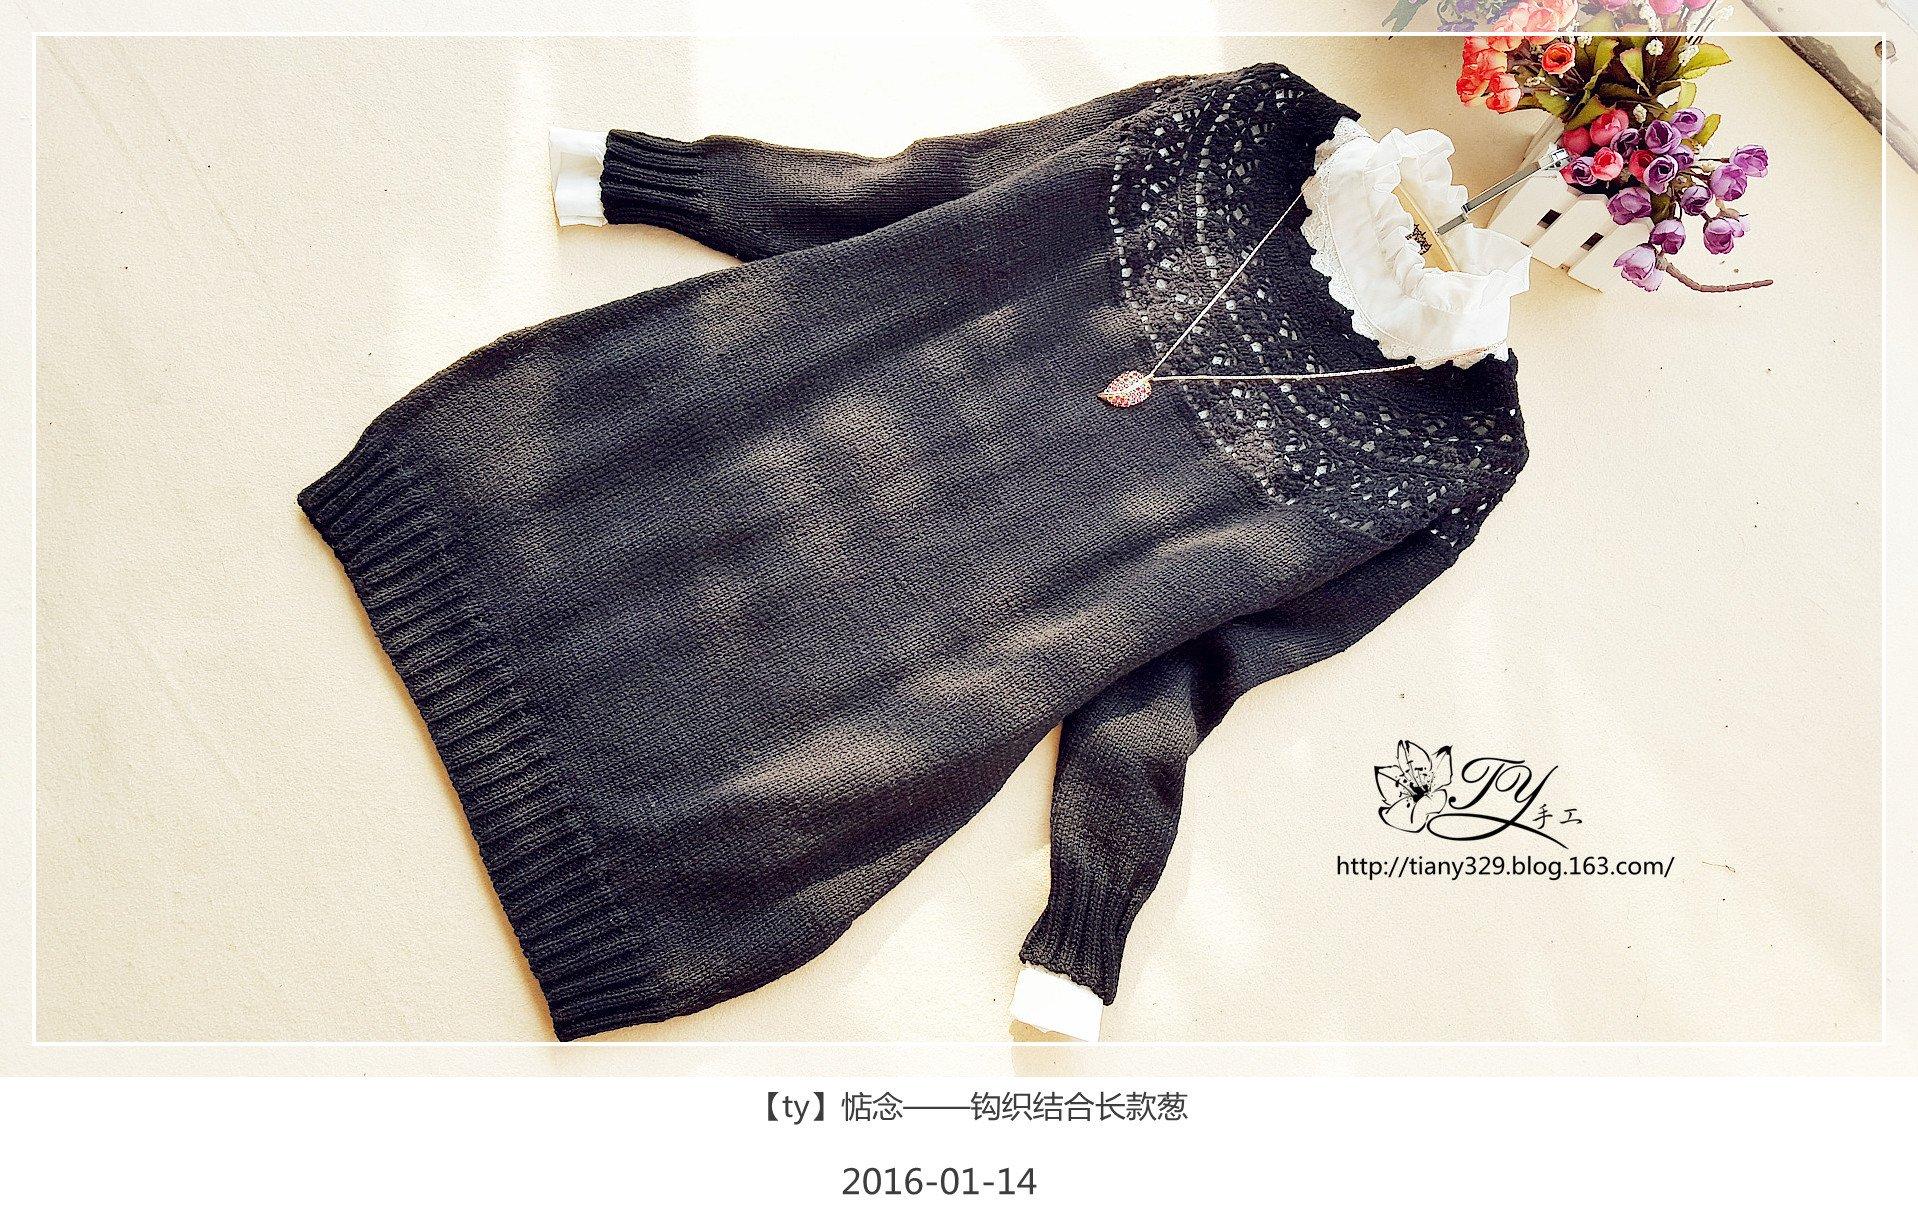 钩织结合花苞裙式毛衣